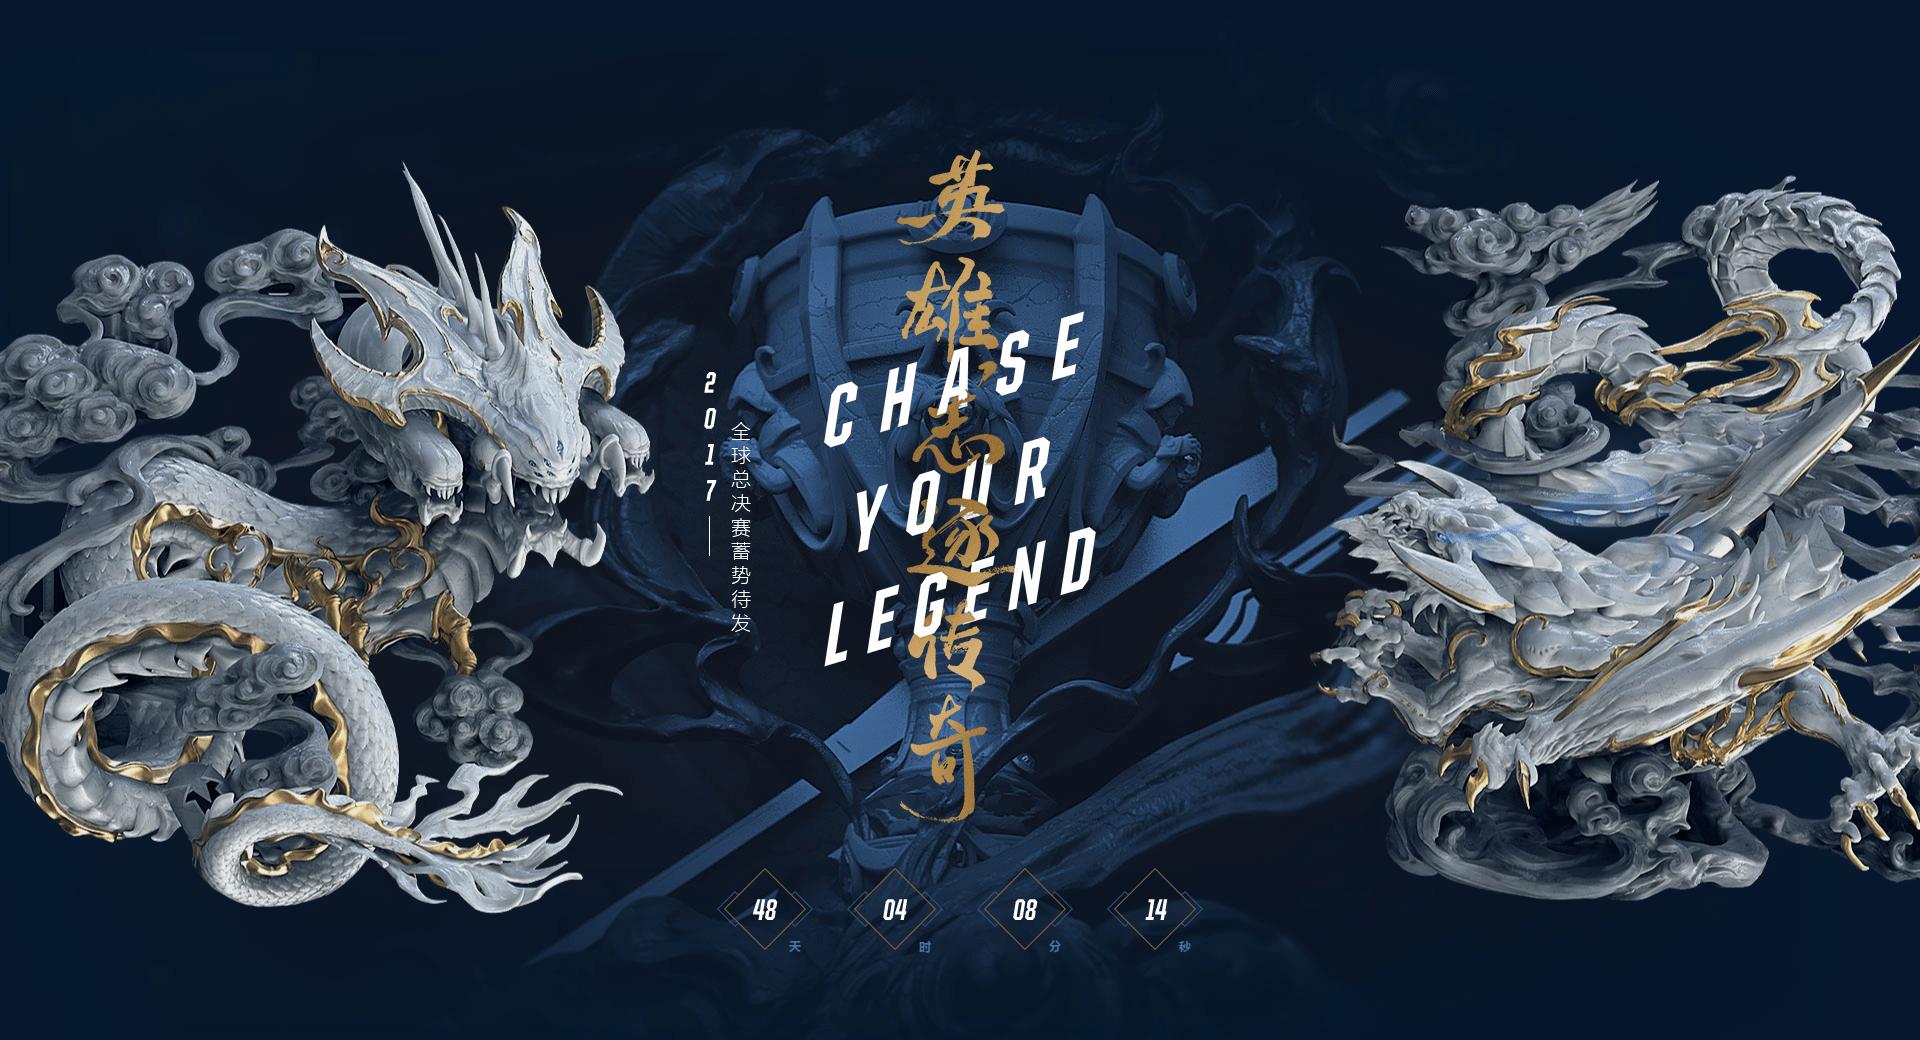 League of Legend S7 Wallpaper Engine